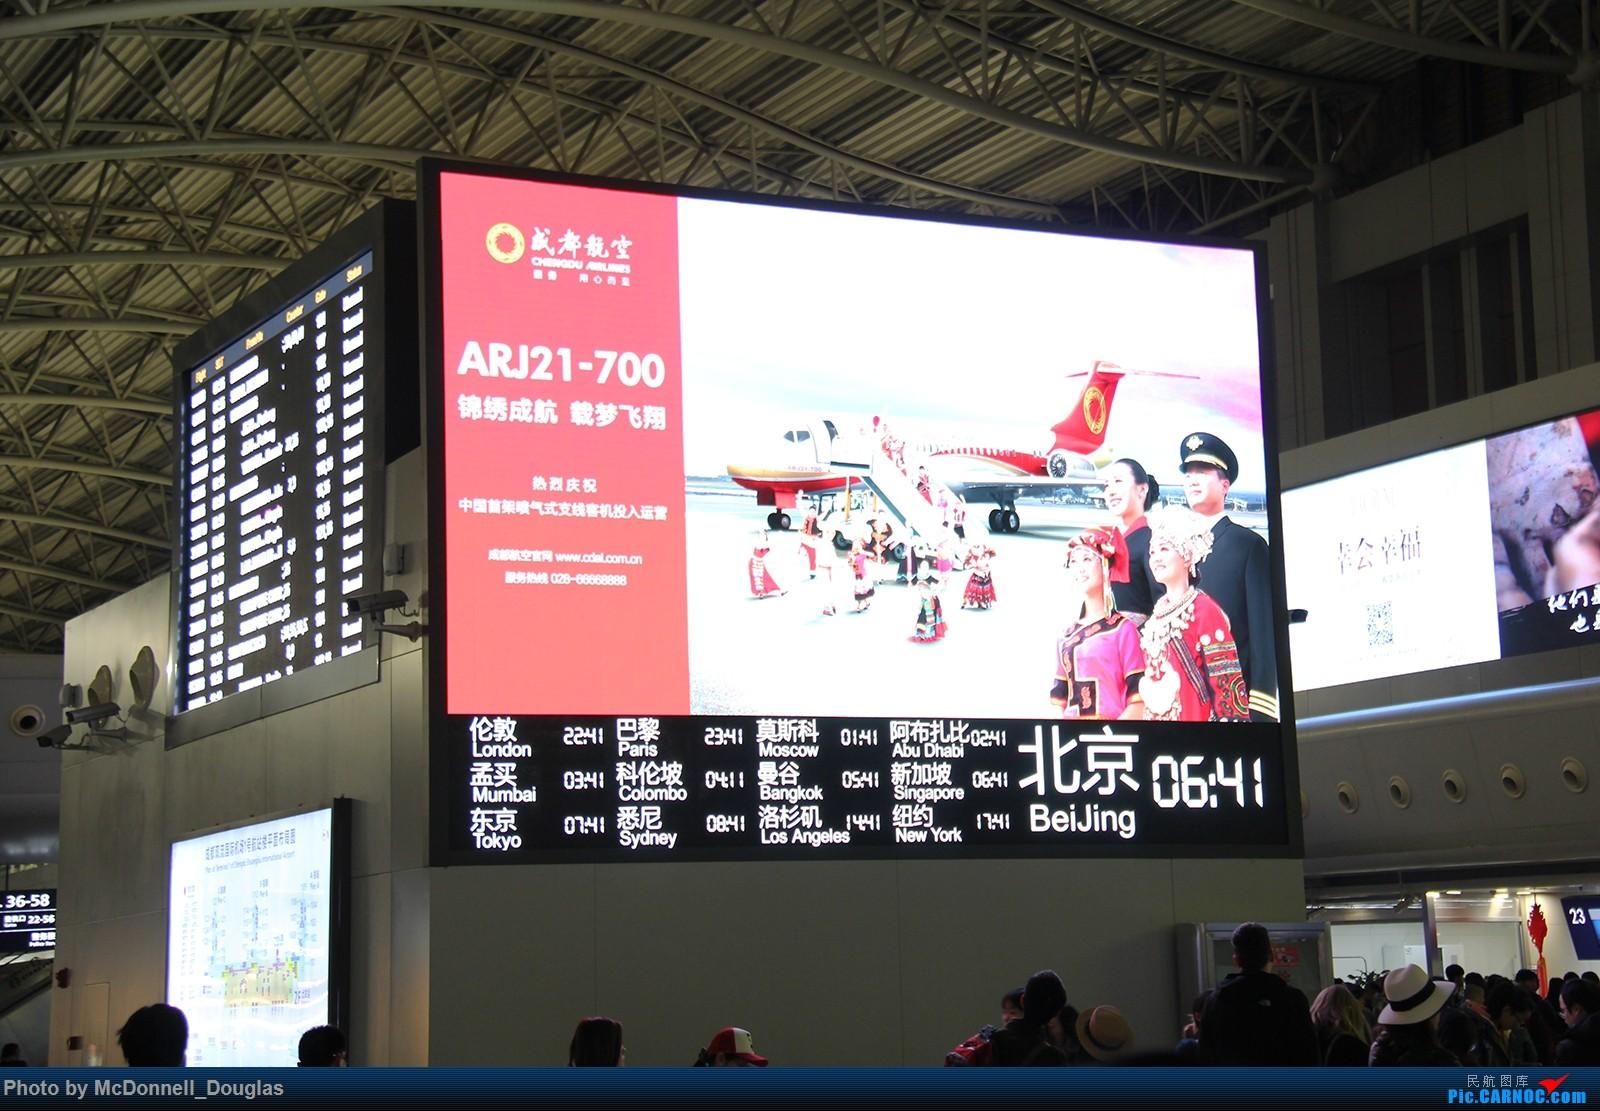 Re:[原创]【上海飞友会】【zc带你游天下(4)】不远千里飞跃喜马拉雅去看你,探寻高山另一边的神秘国度,和一群贫穷却快乐着的人们    中国成都双流国际机场